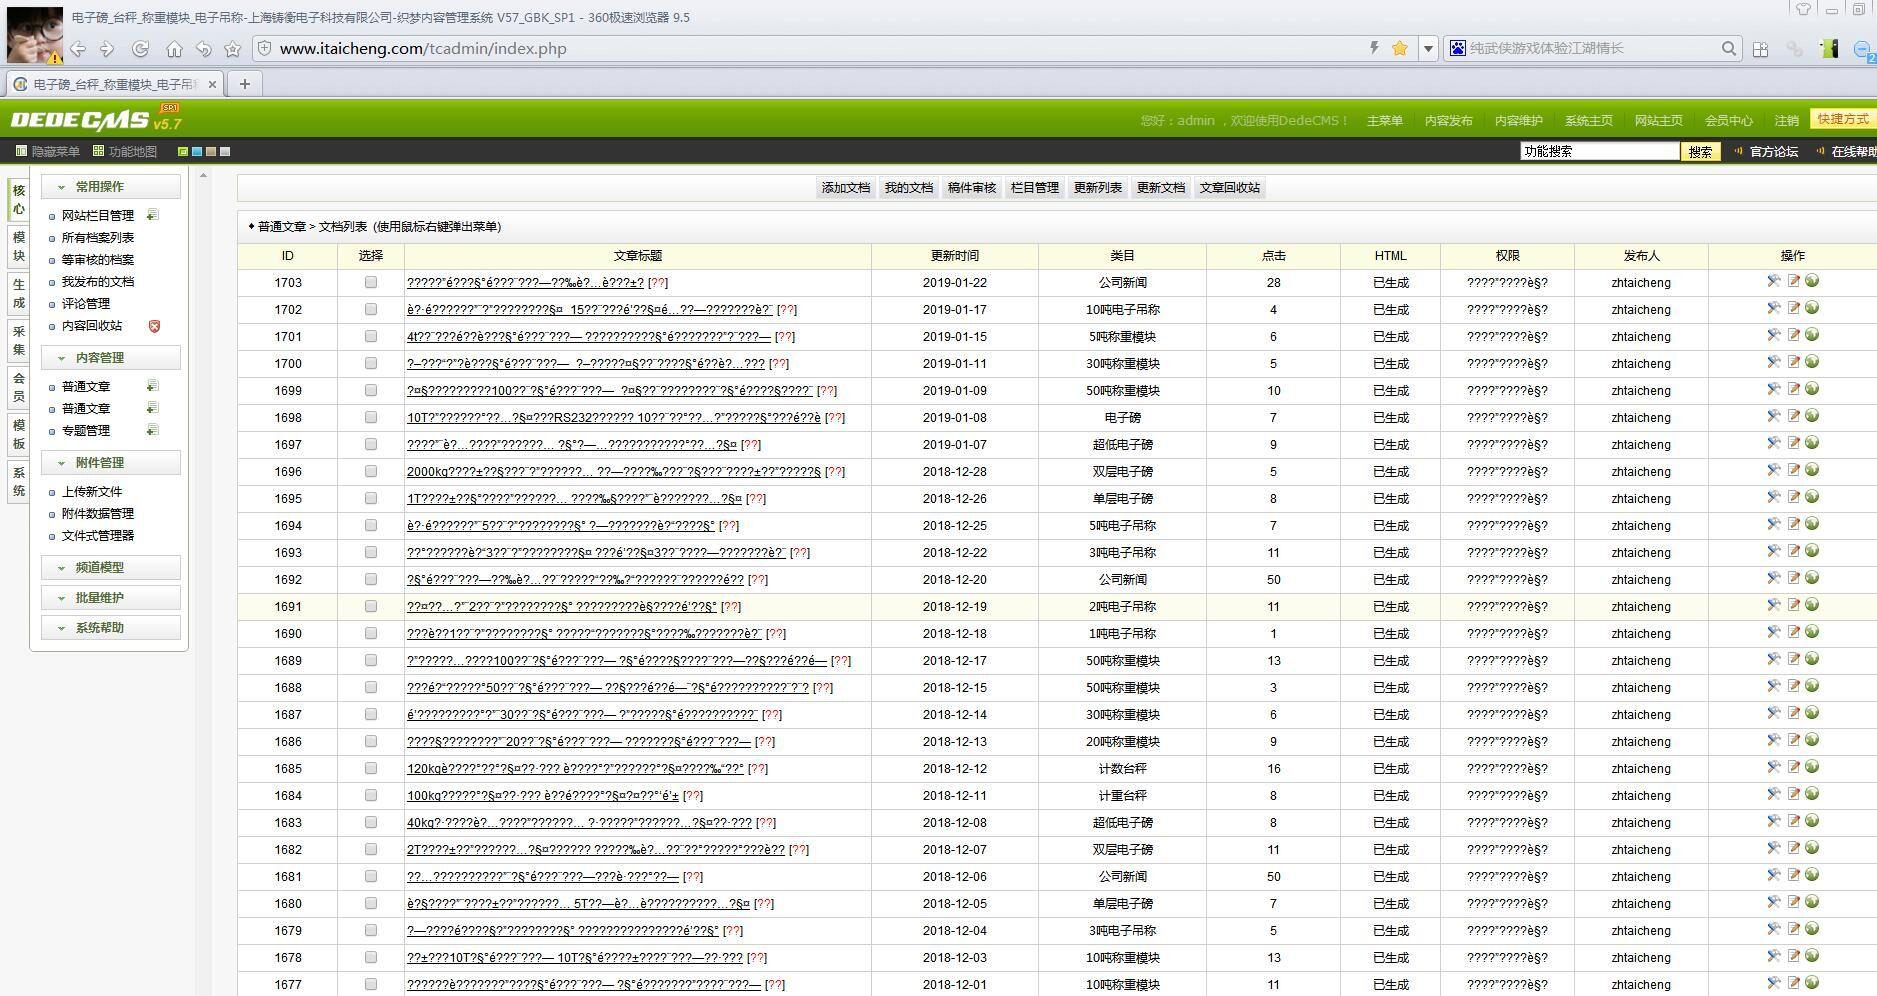 织梦程序搬家后网站文档内容乱码原因分析插图